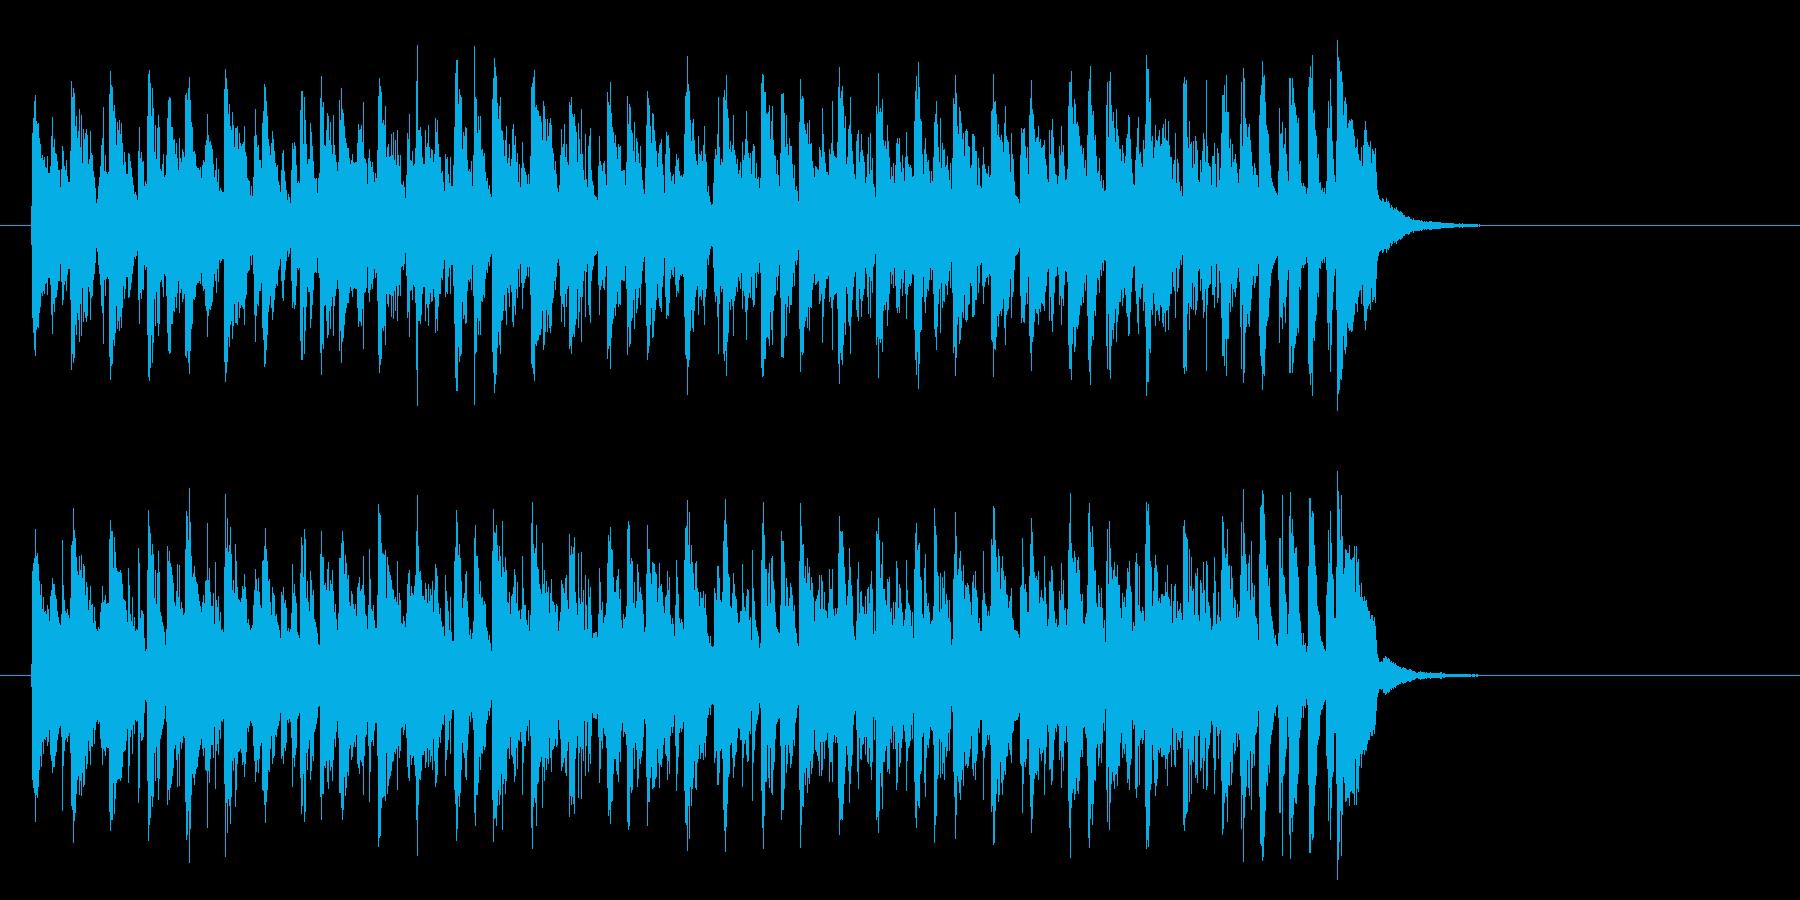 ワールド系サンバ風BGM(サビ)の再生済みの波形